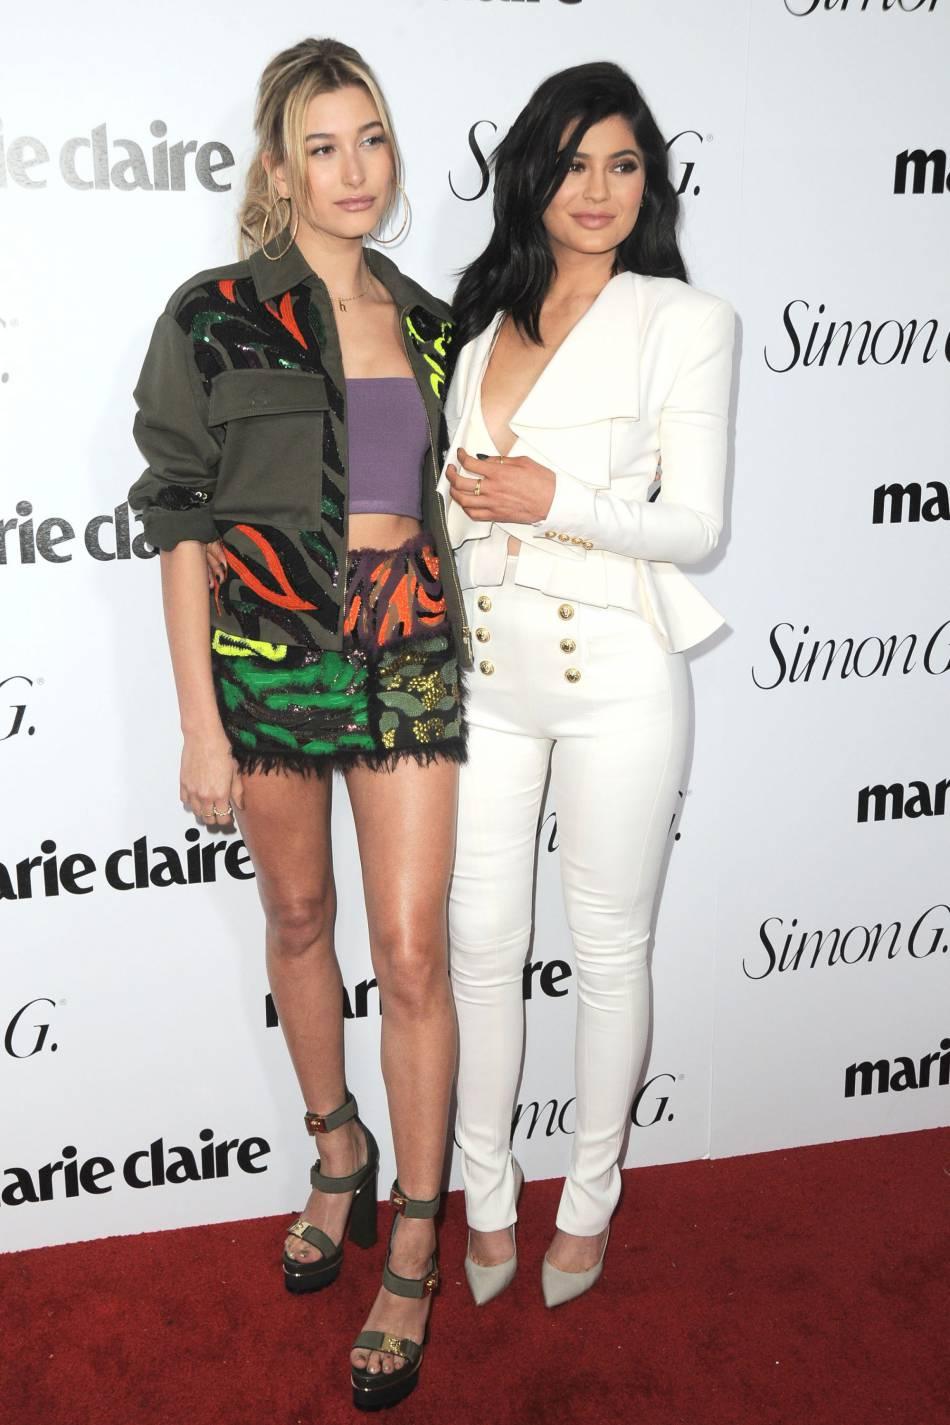 Hailey Baldwin et Kylie Jenner : les best friends prennent la pose sur le tapis rouge.